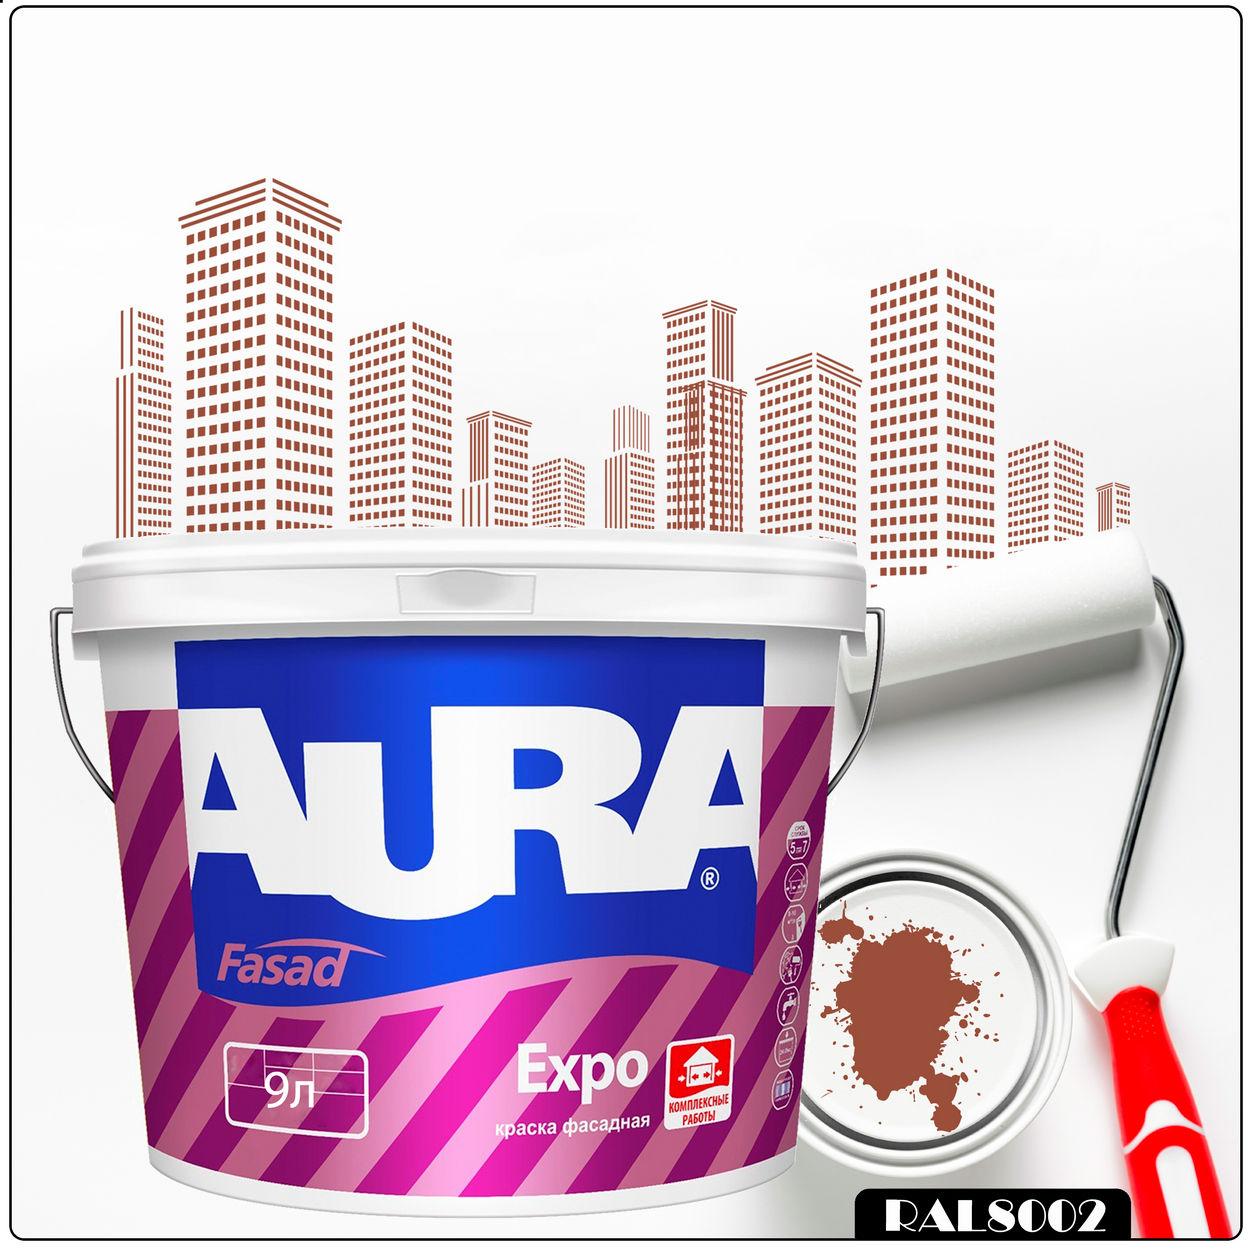 Фото 3 - Краска Aura Fasad Expo, RAL 8002 Сигнальный-коричневый, матовая, для фасадов и помещений с повышенной влажностью, 9л.